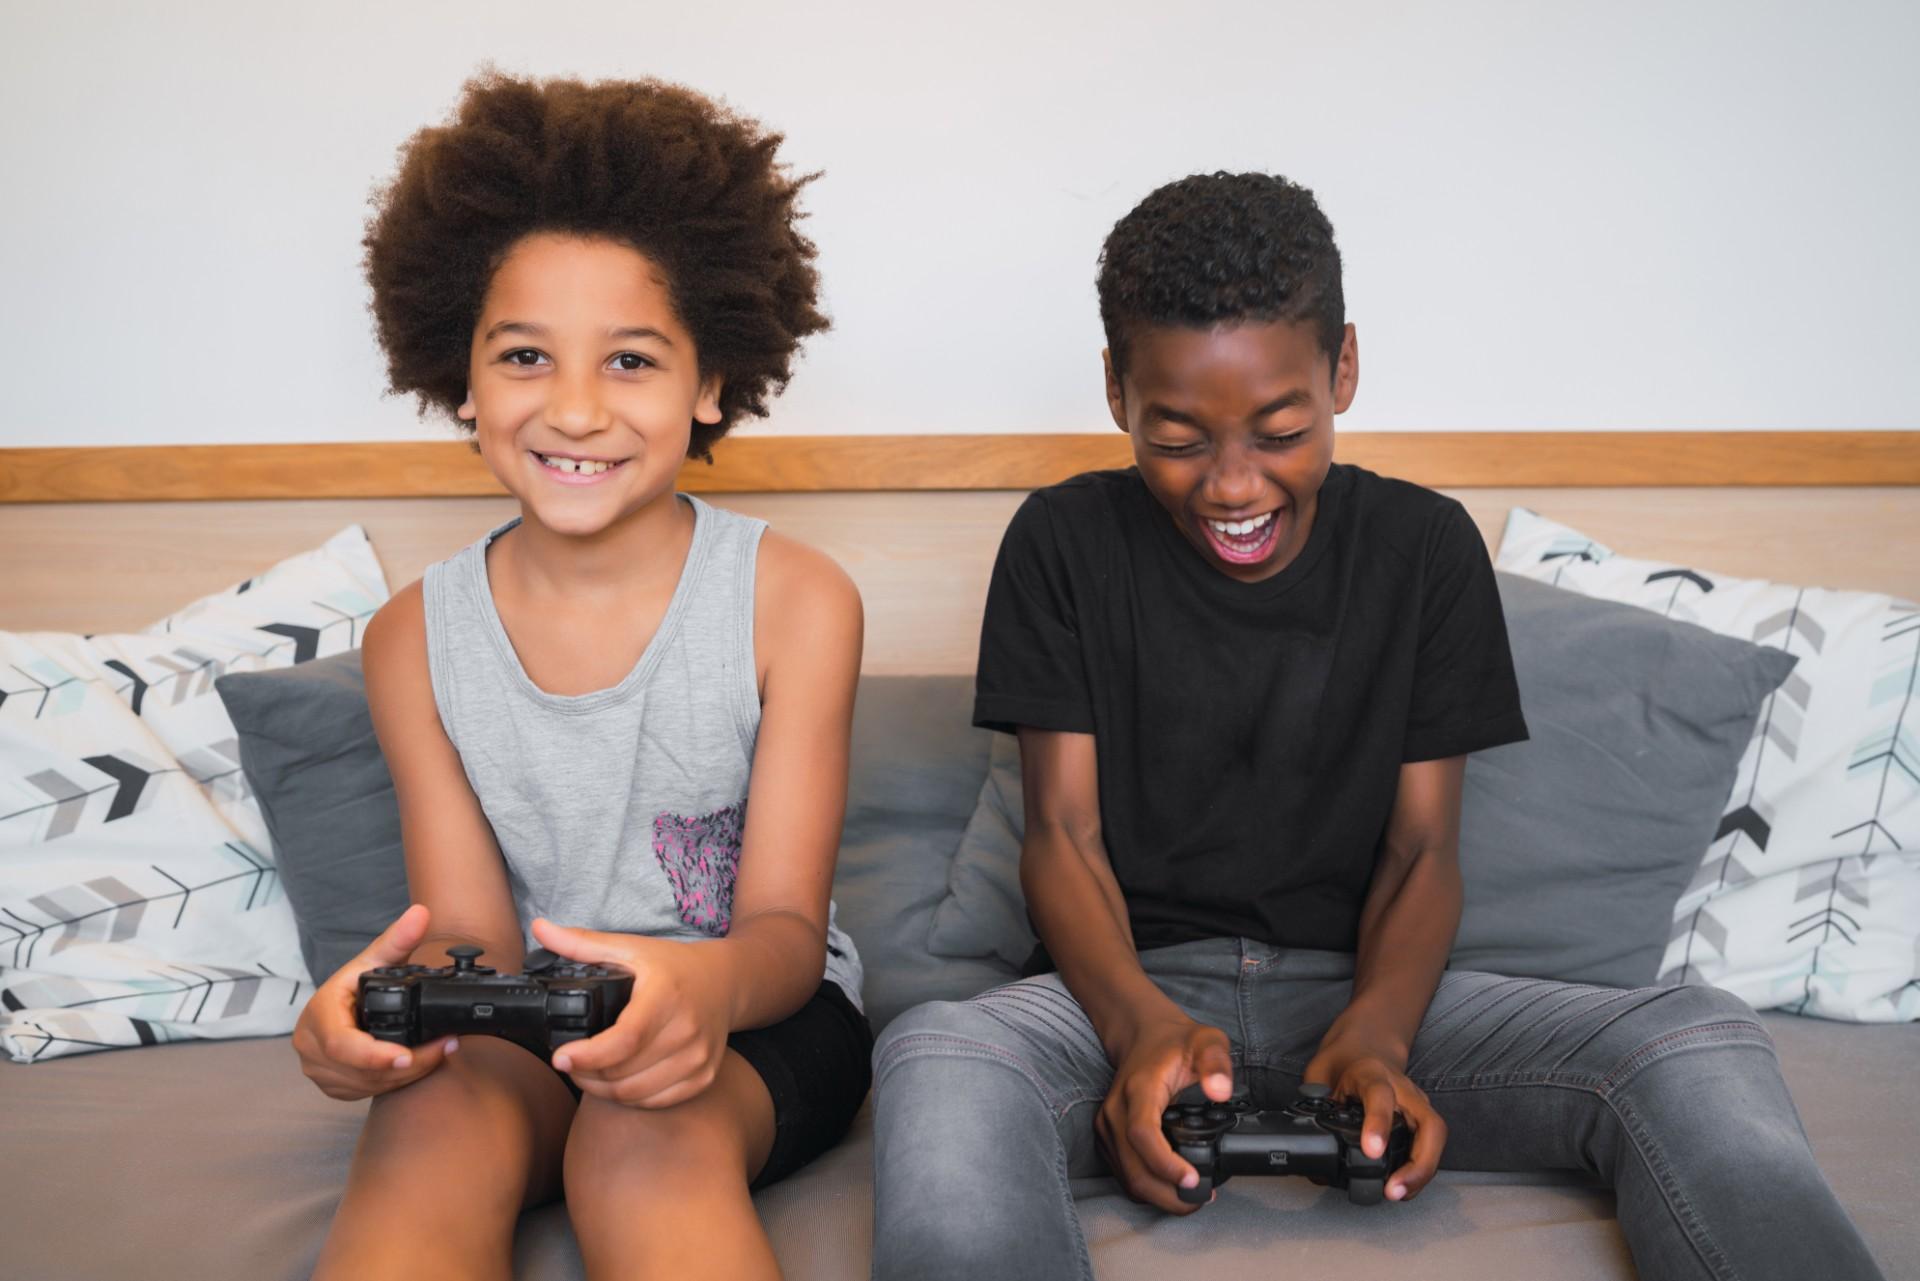 Deux enfants jouent à la console de jeux